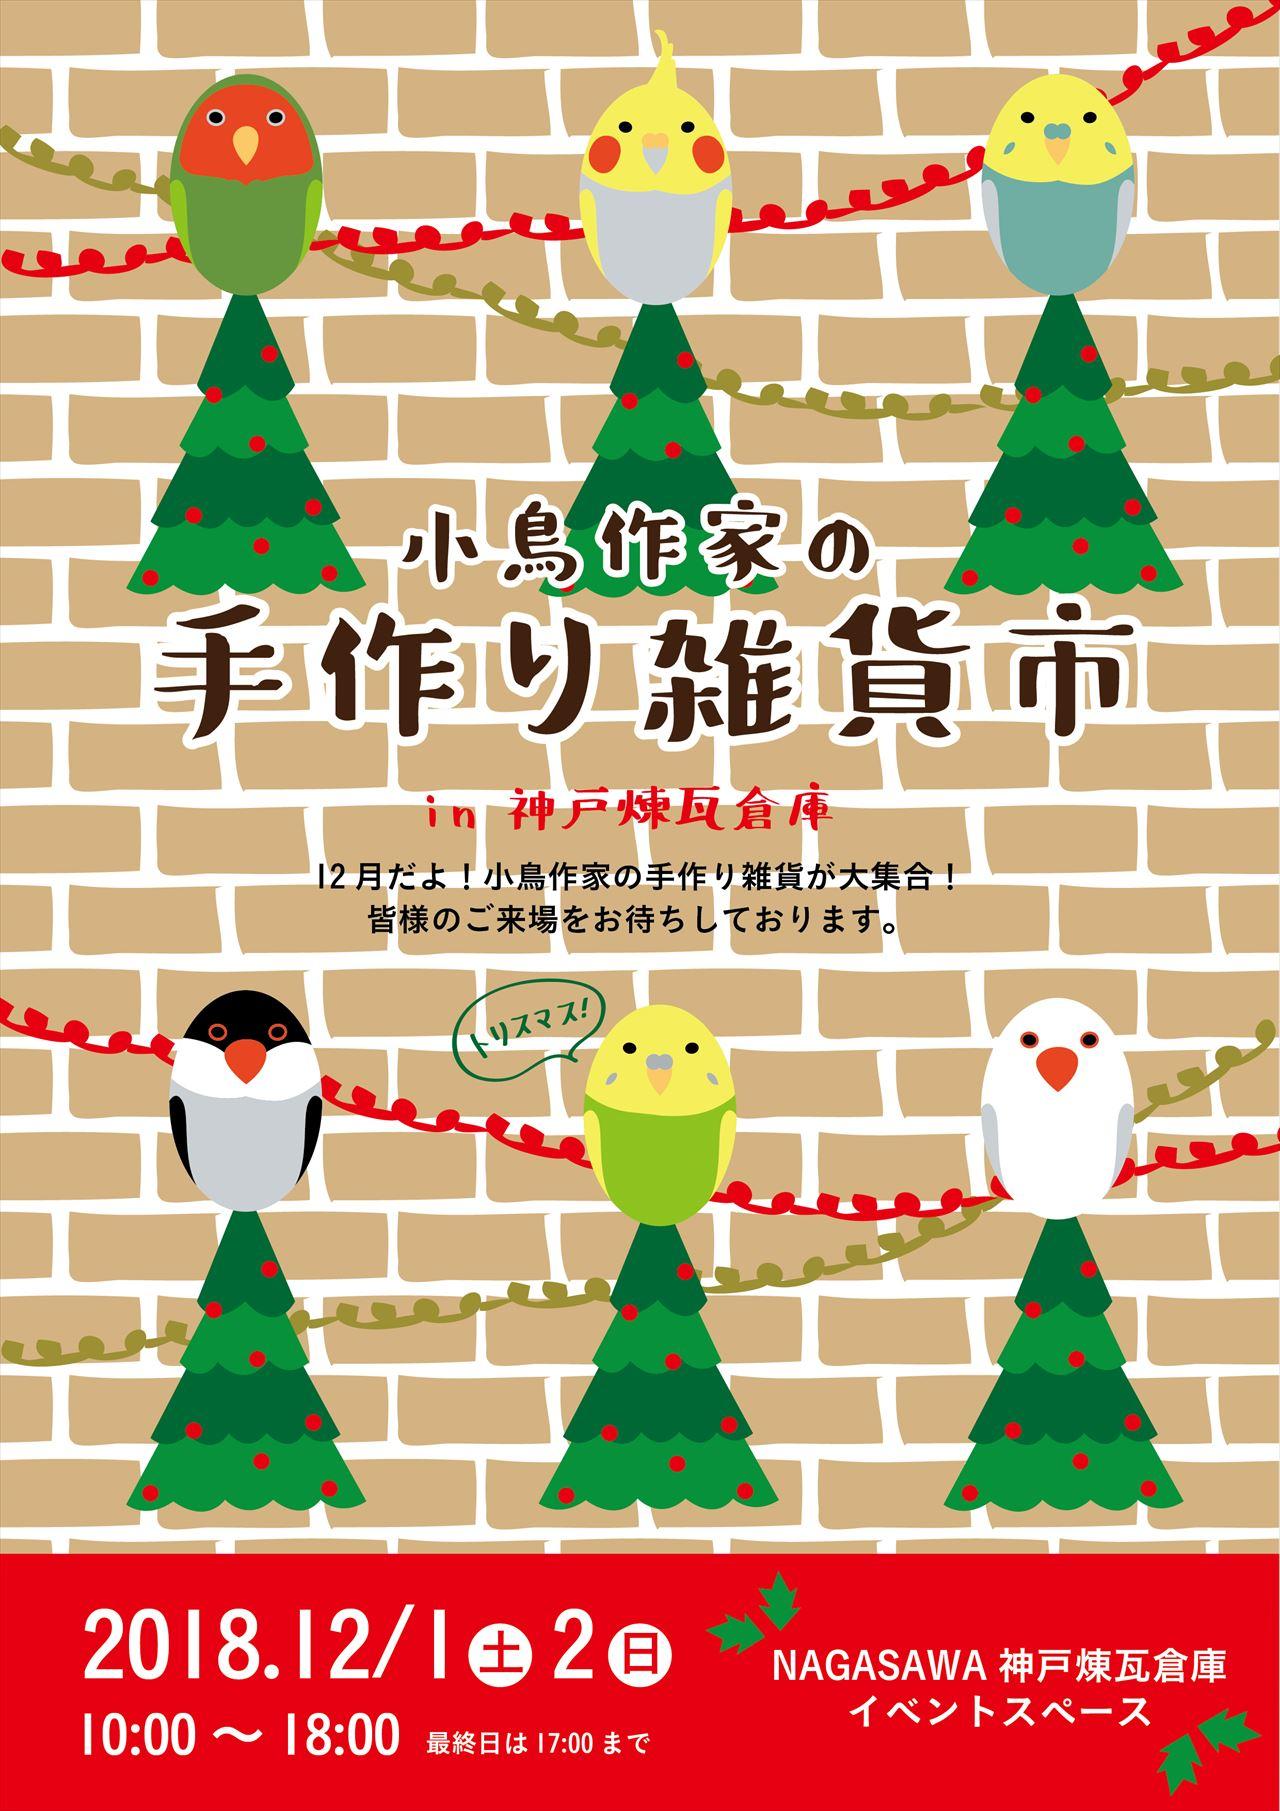 【神戸煉瓦倉庫店】鳥さん好きにはたまらないイベント!神戸ハーバーランドで開催!!